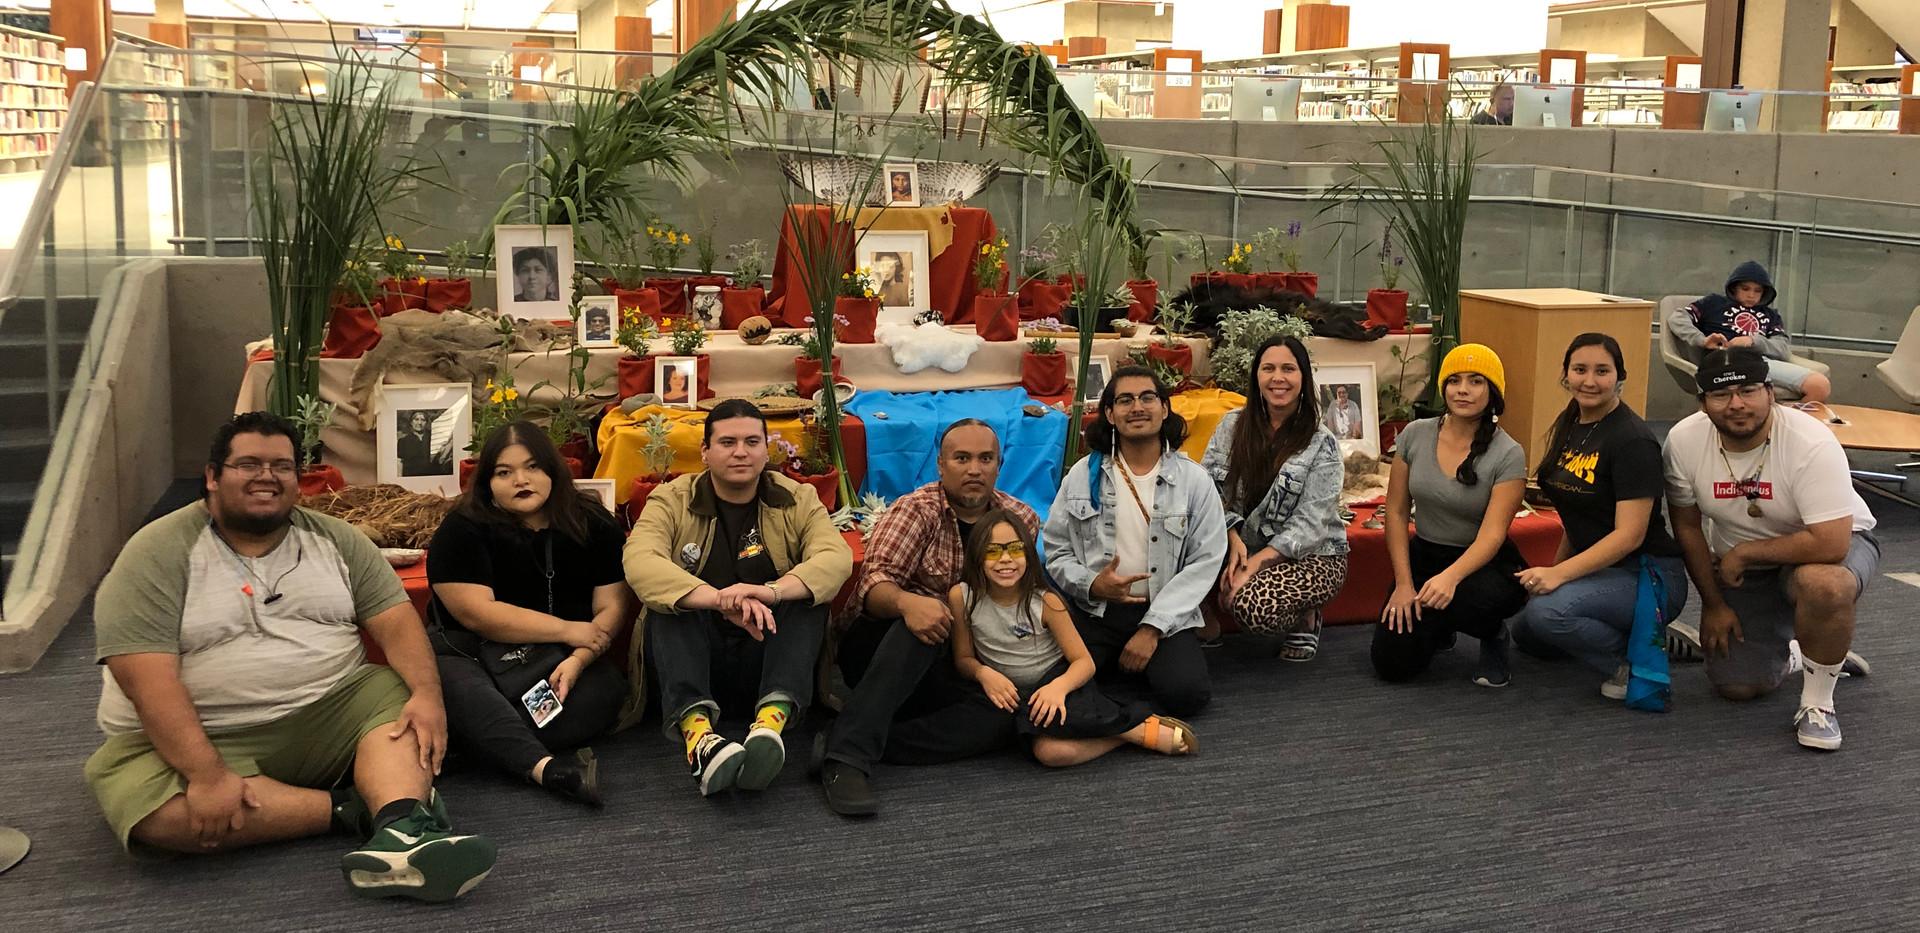 Yaanga Vive! Altar with artists